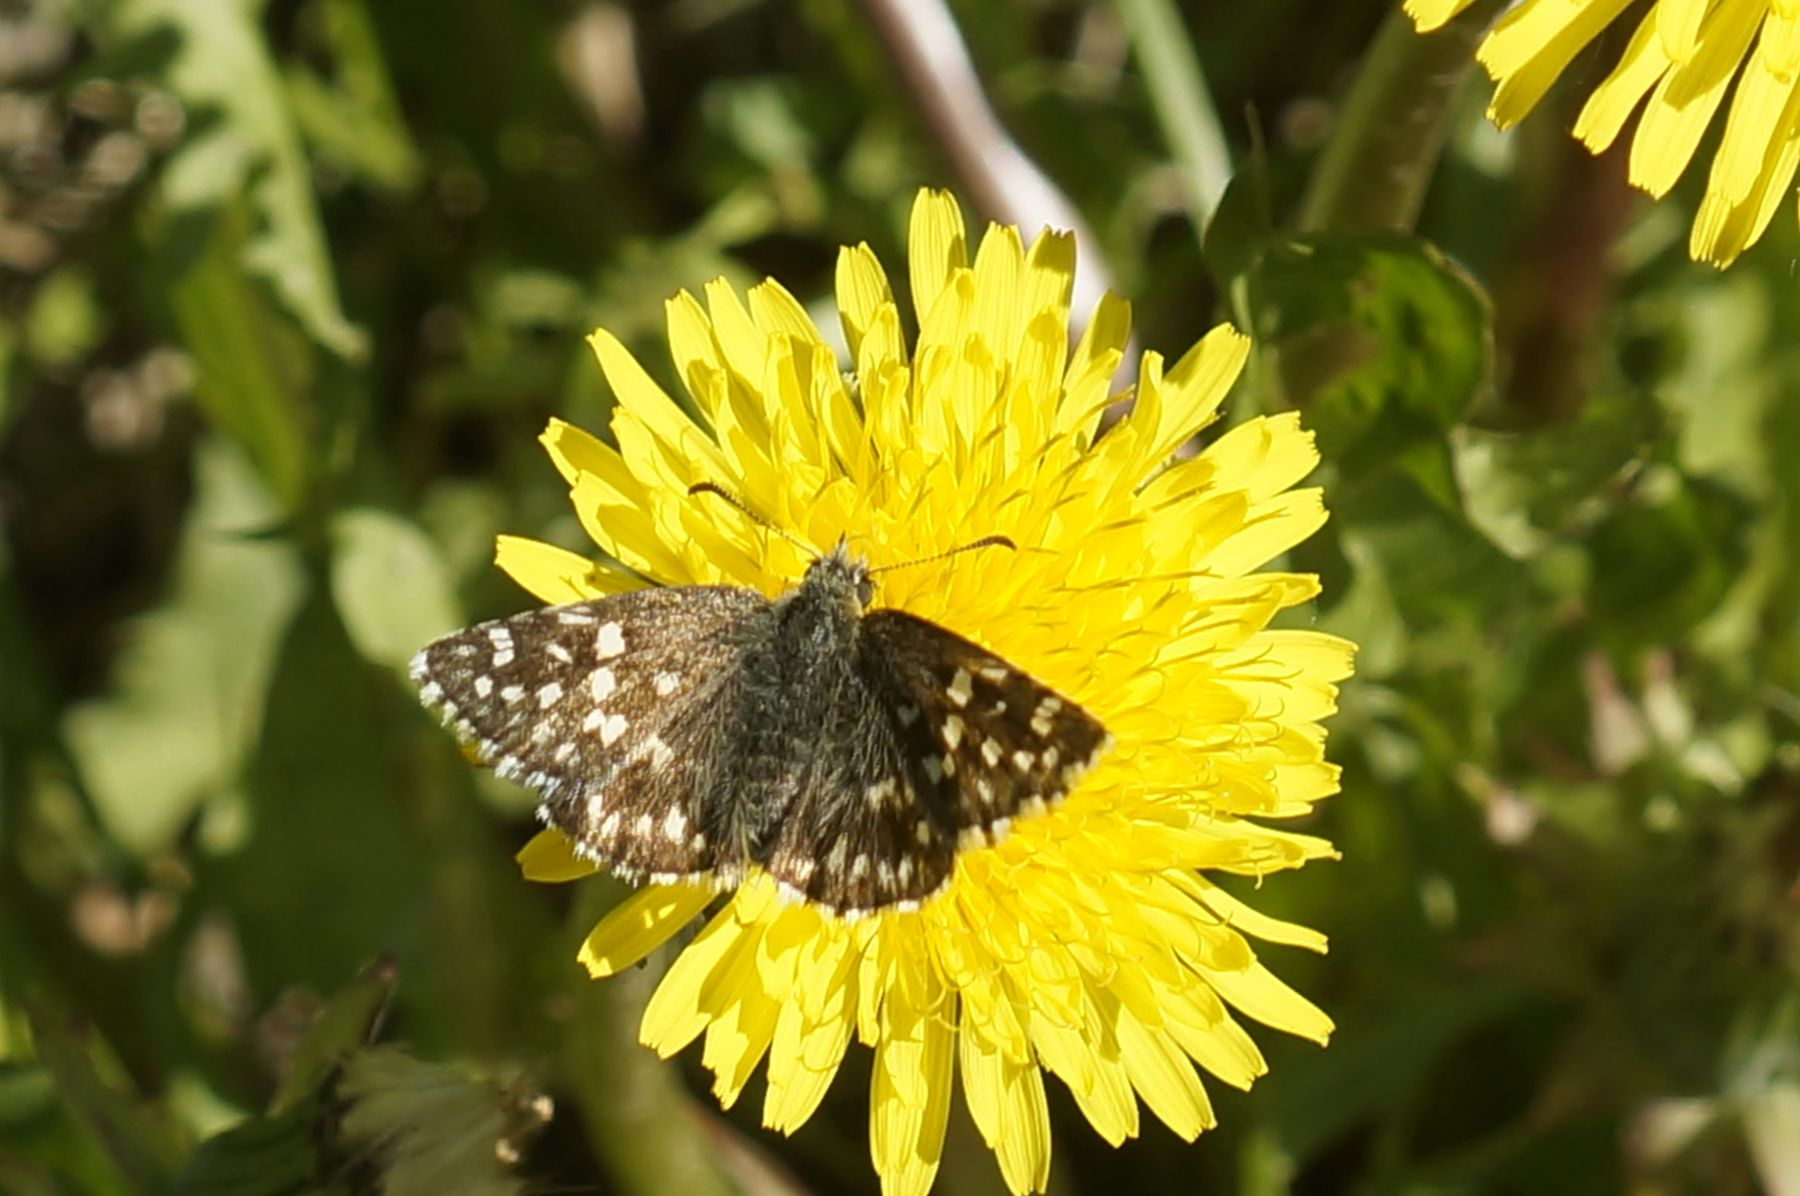 Мозаичная толстоголовка мозаичная толстоголовка бабочка лето лес одуванчик